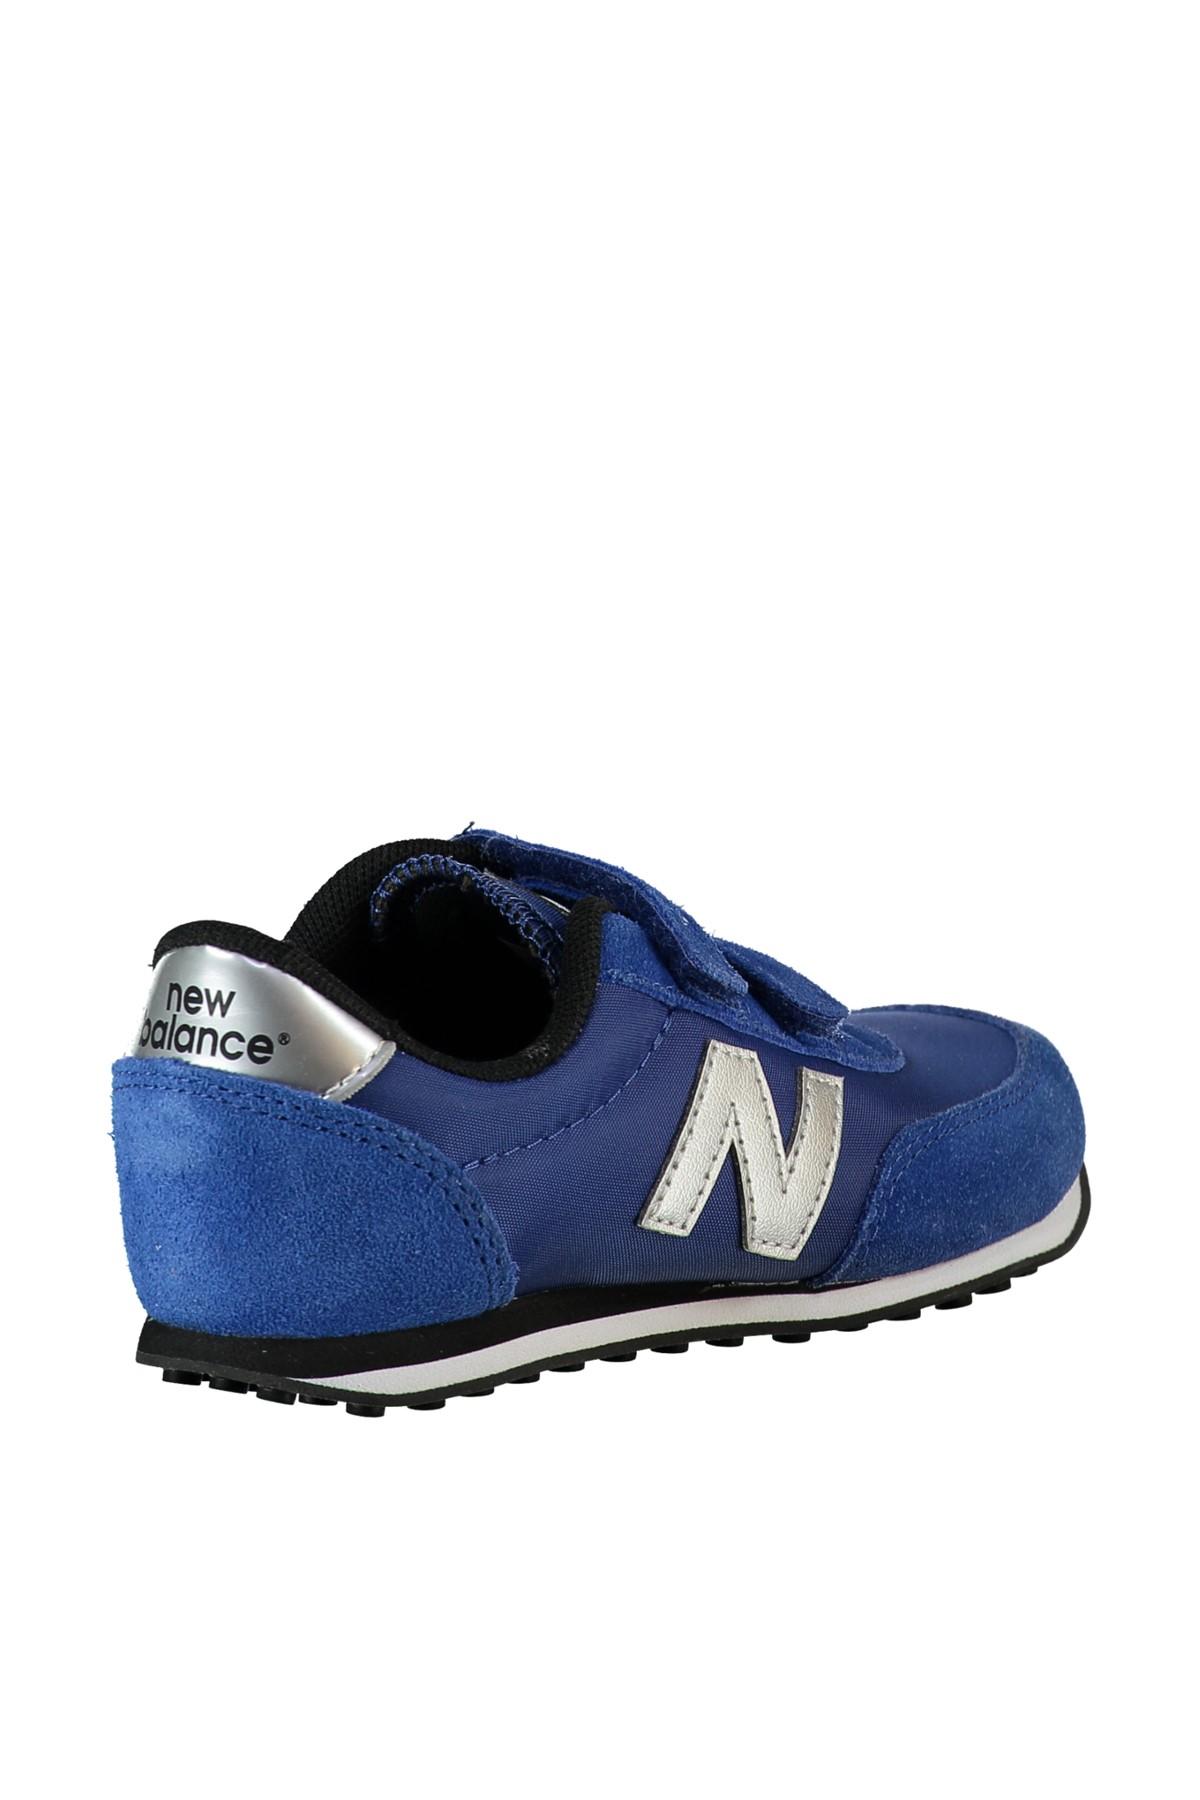 New Balance Mavi Gri Kız Çocuk Ayakkabı KE410BUY 2